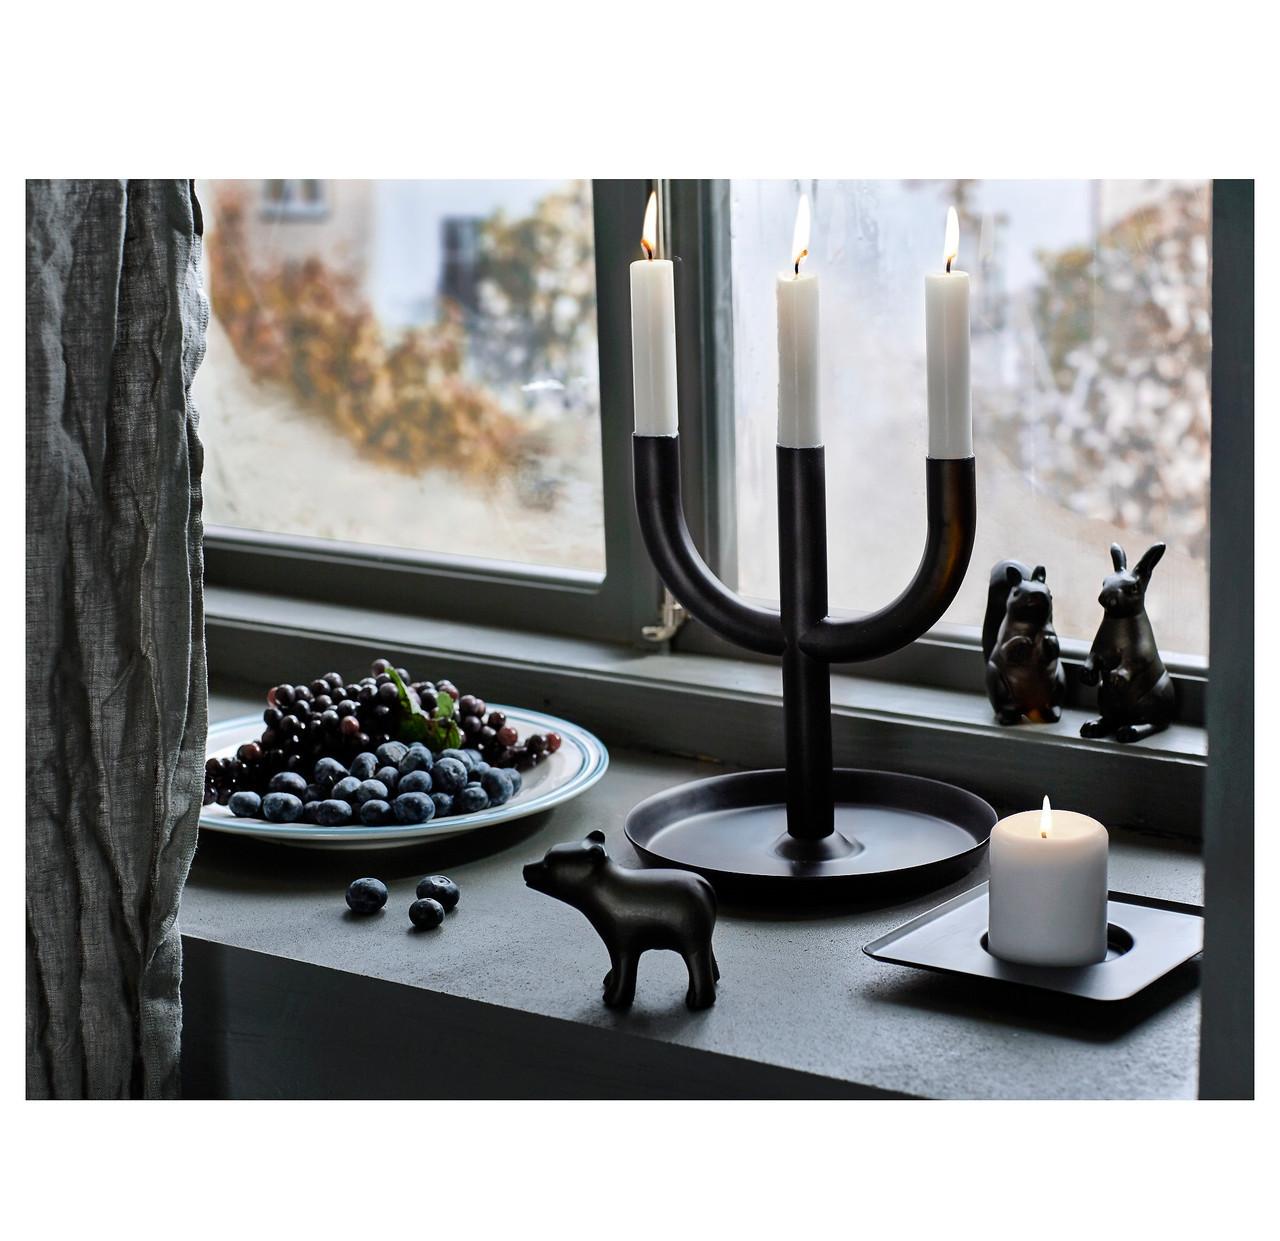 ЭНИГЕТ  Подсвечник для 3 свечей, черный,  70327311, ИКЕА, IKEA, ENIGHET